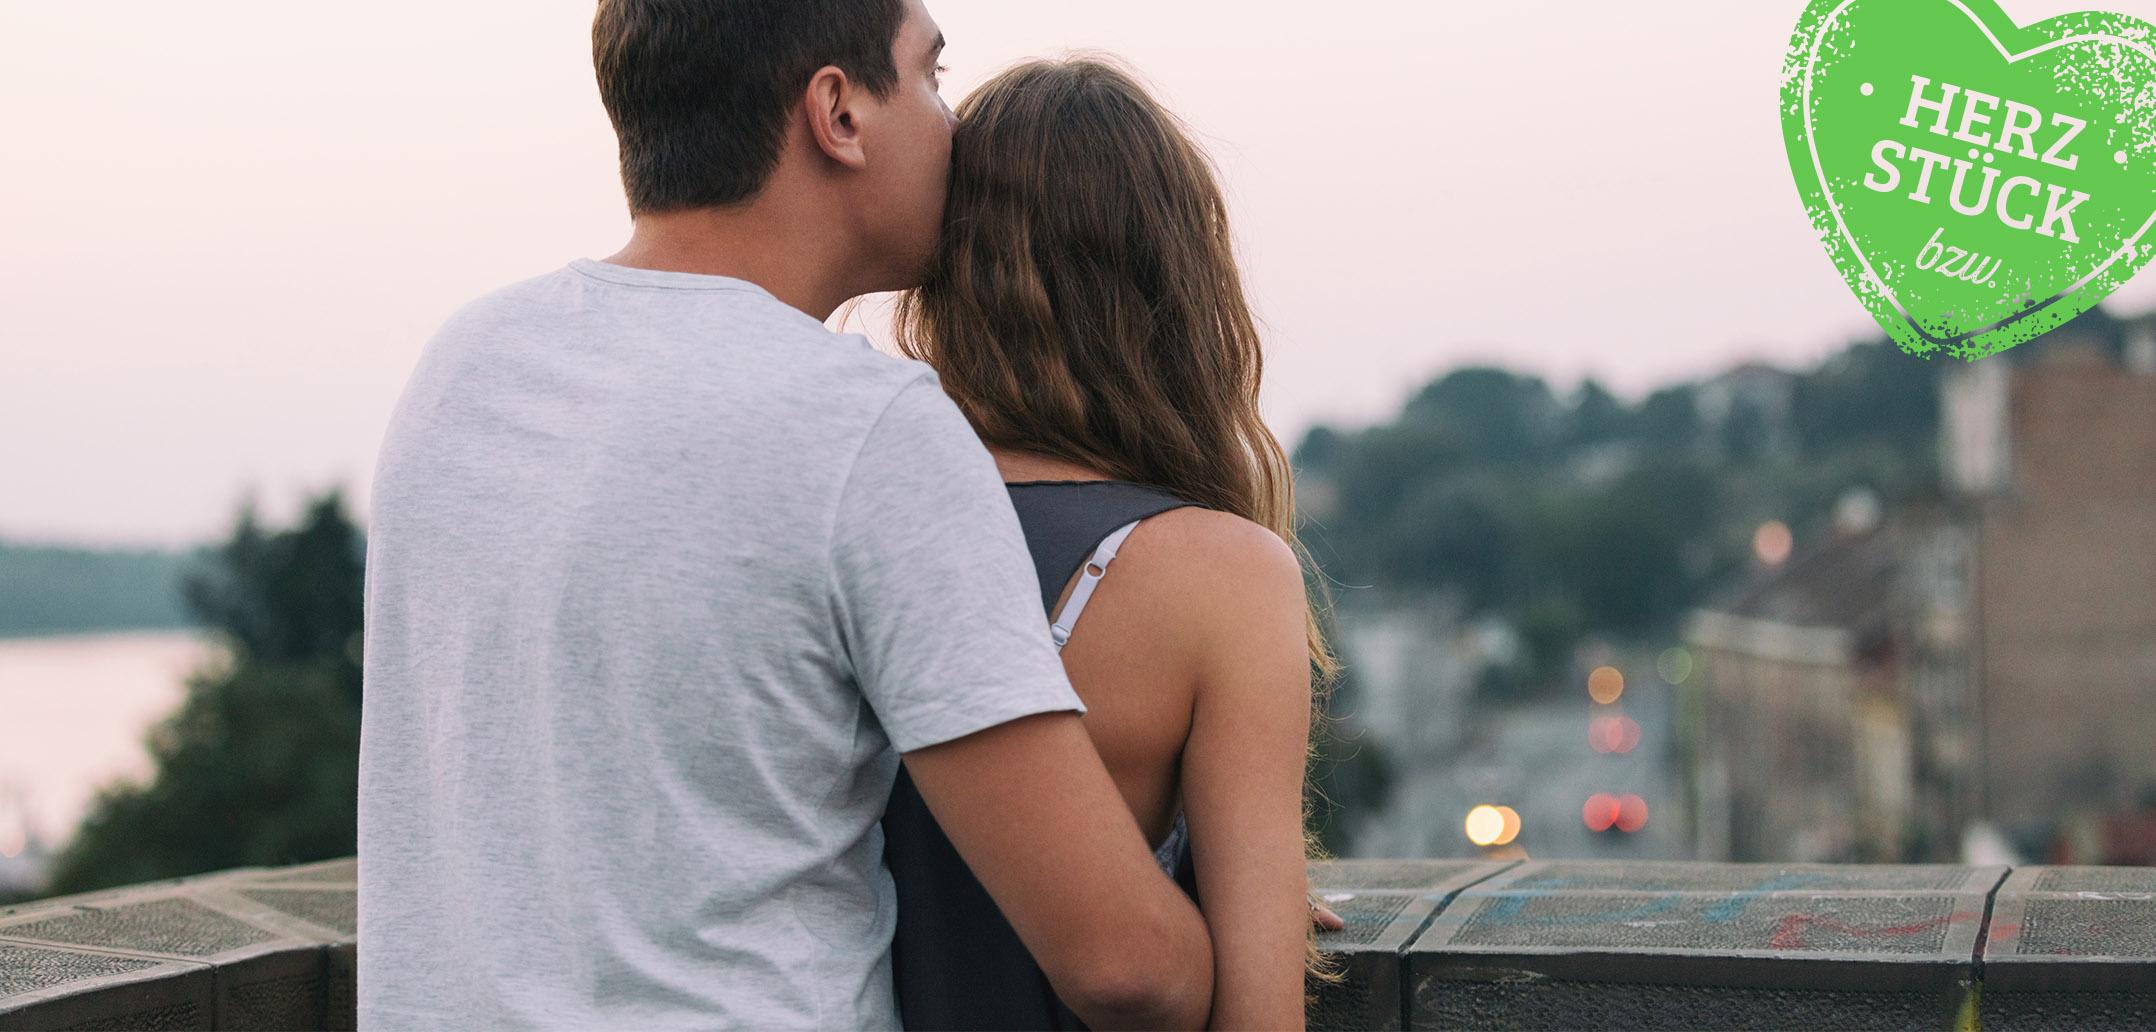 Sunshiny Warum Suchen Wir Immer Nach Etwas Besserem Liebe Muss Nicht Aber Gut Genug Damit Sie Hlt Das Ist Gut Kiev Das Ist Gut Meme dpreview Das Ist Gut